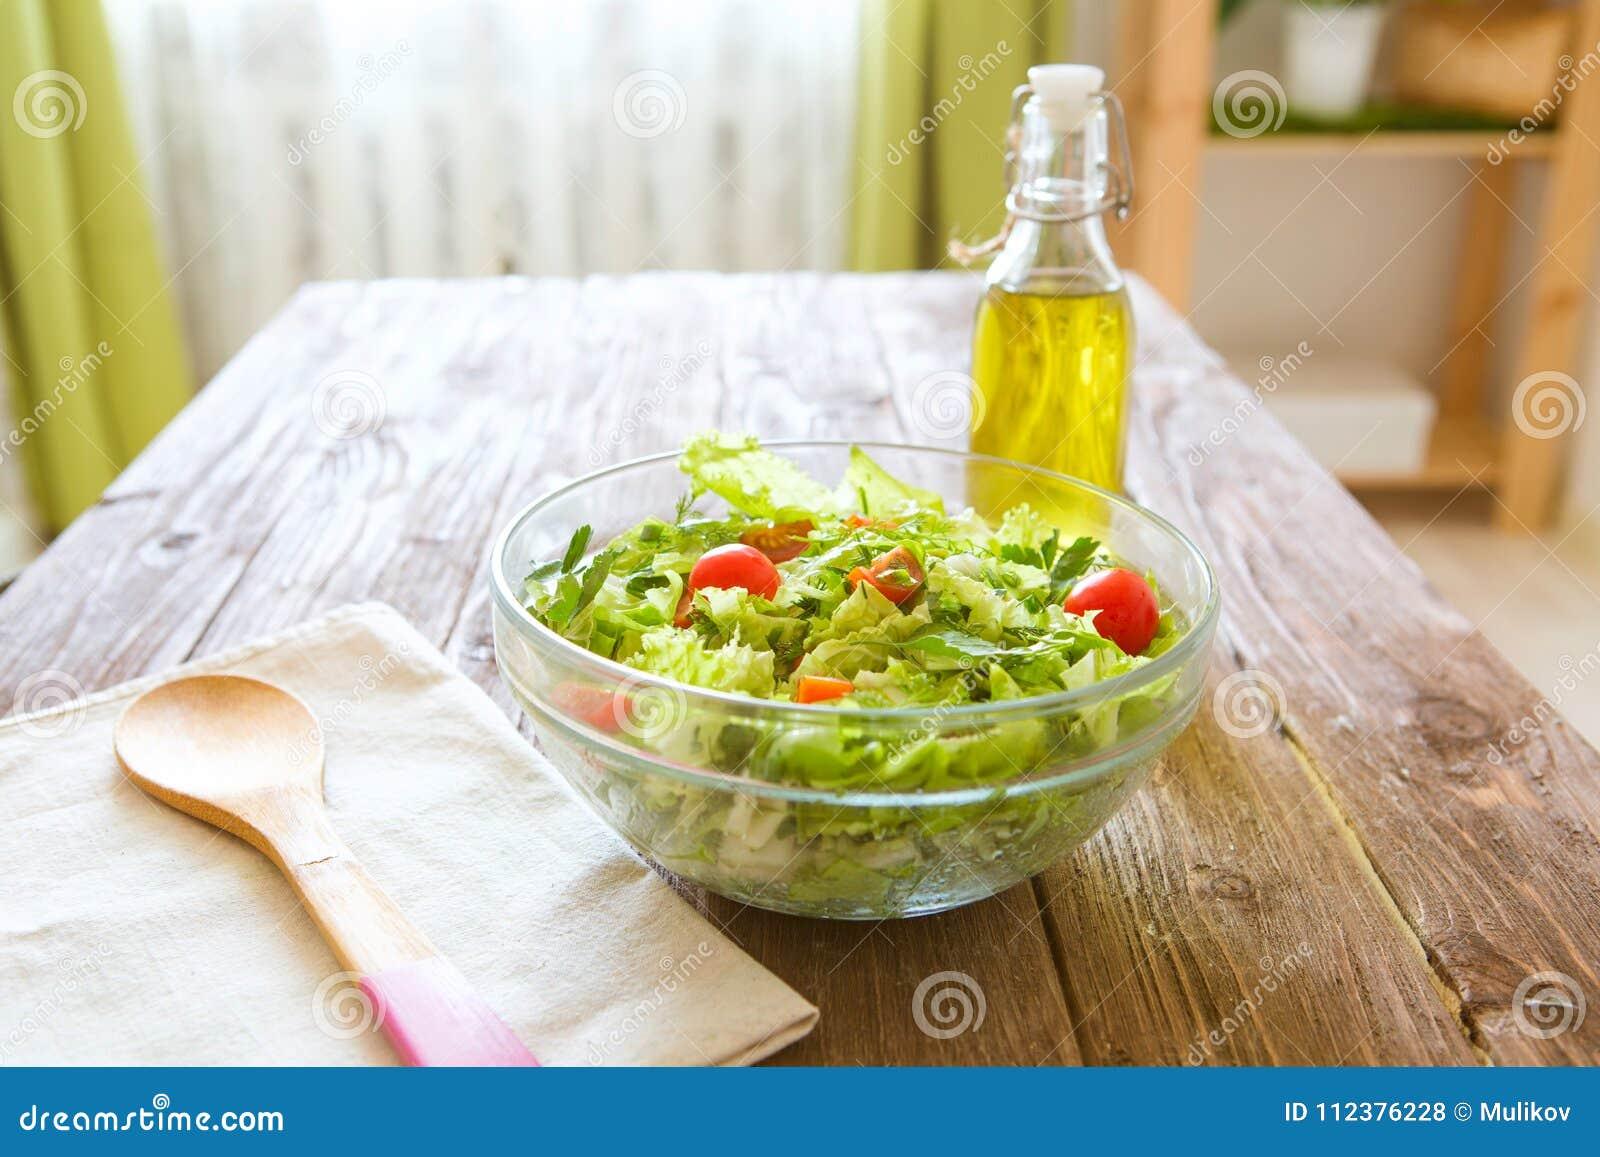 Plein bol de salade verte fraîche sur une table en bois contre dessus une cuisine rustique Mode de vie sain de concept et nourrit